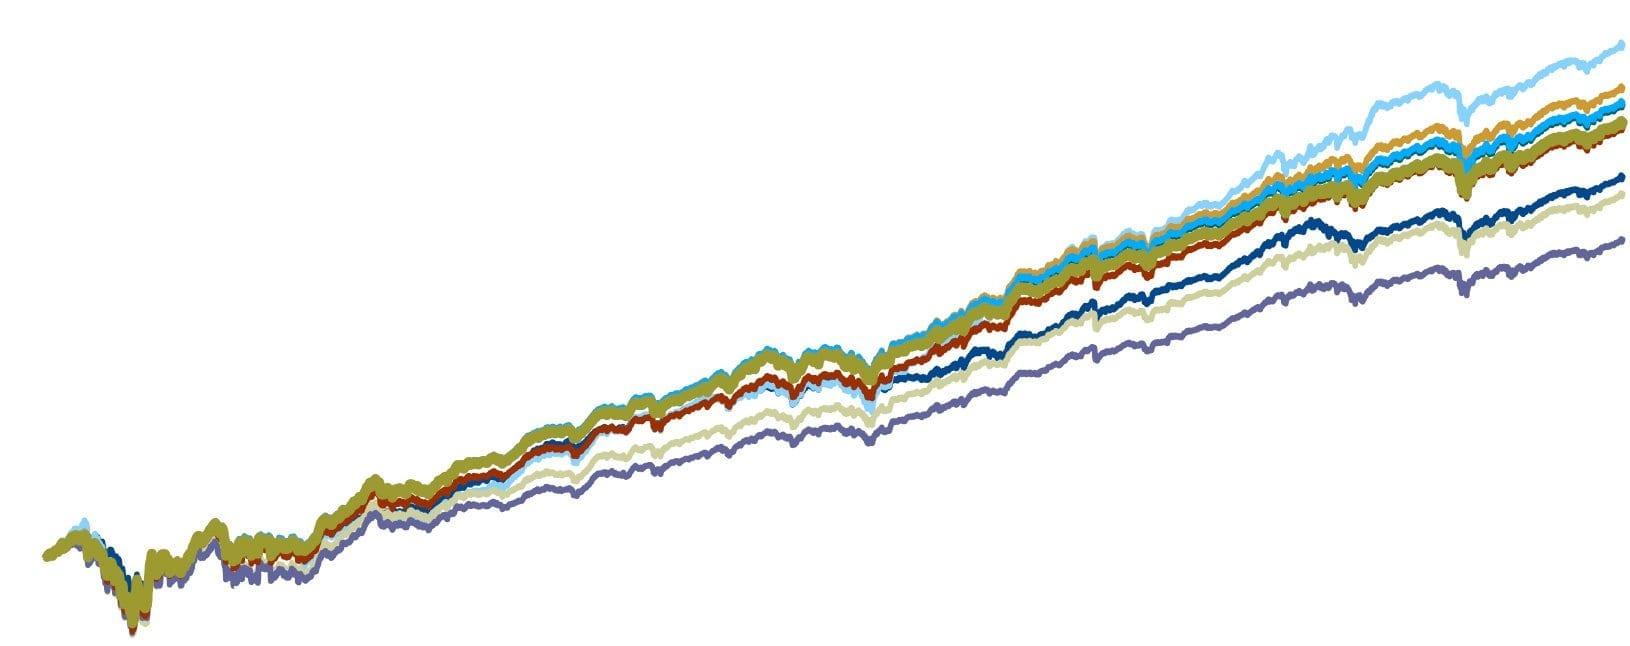 Portfolio Optimization: Simple versus Optimal Methods